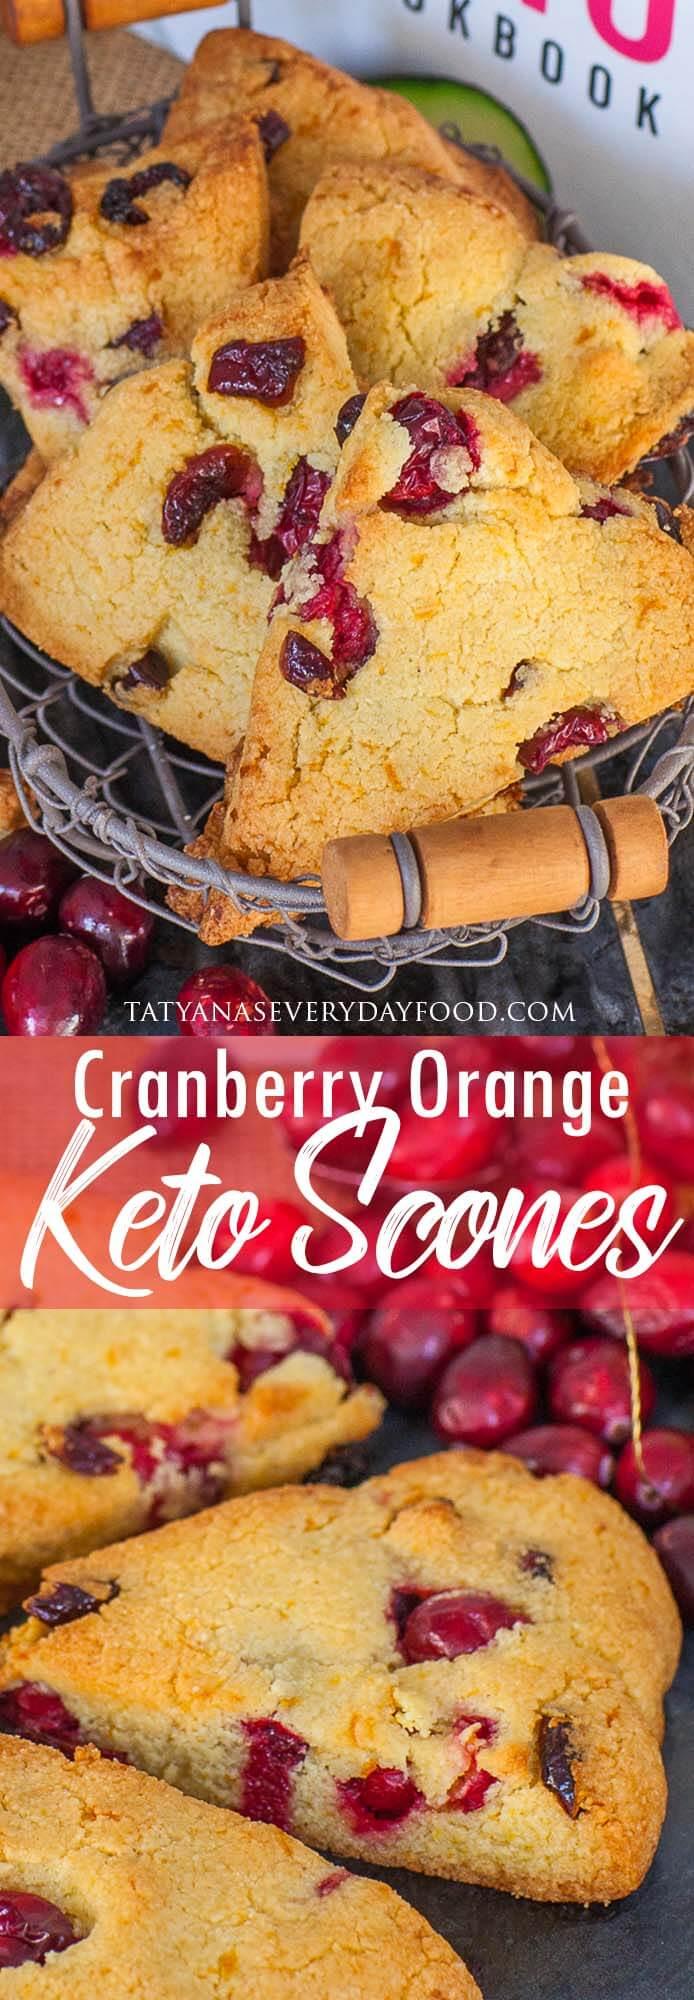 Keto Cranberry Orange Scones recipe